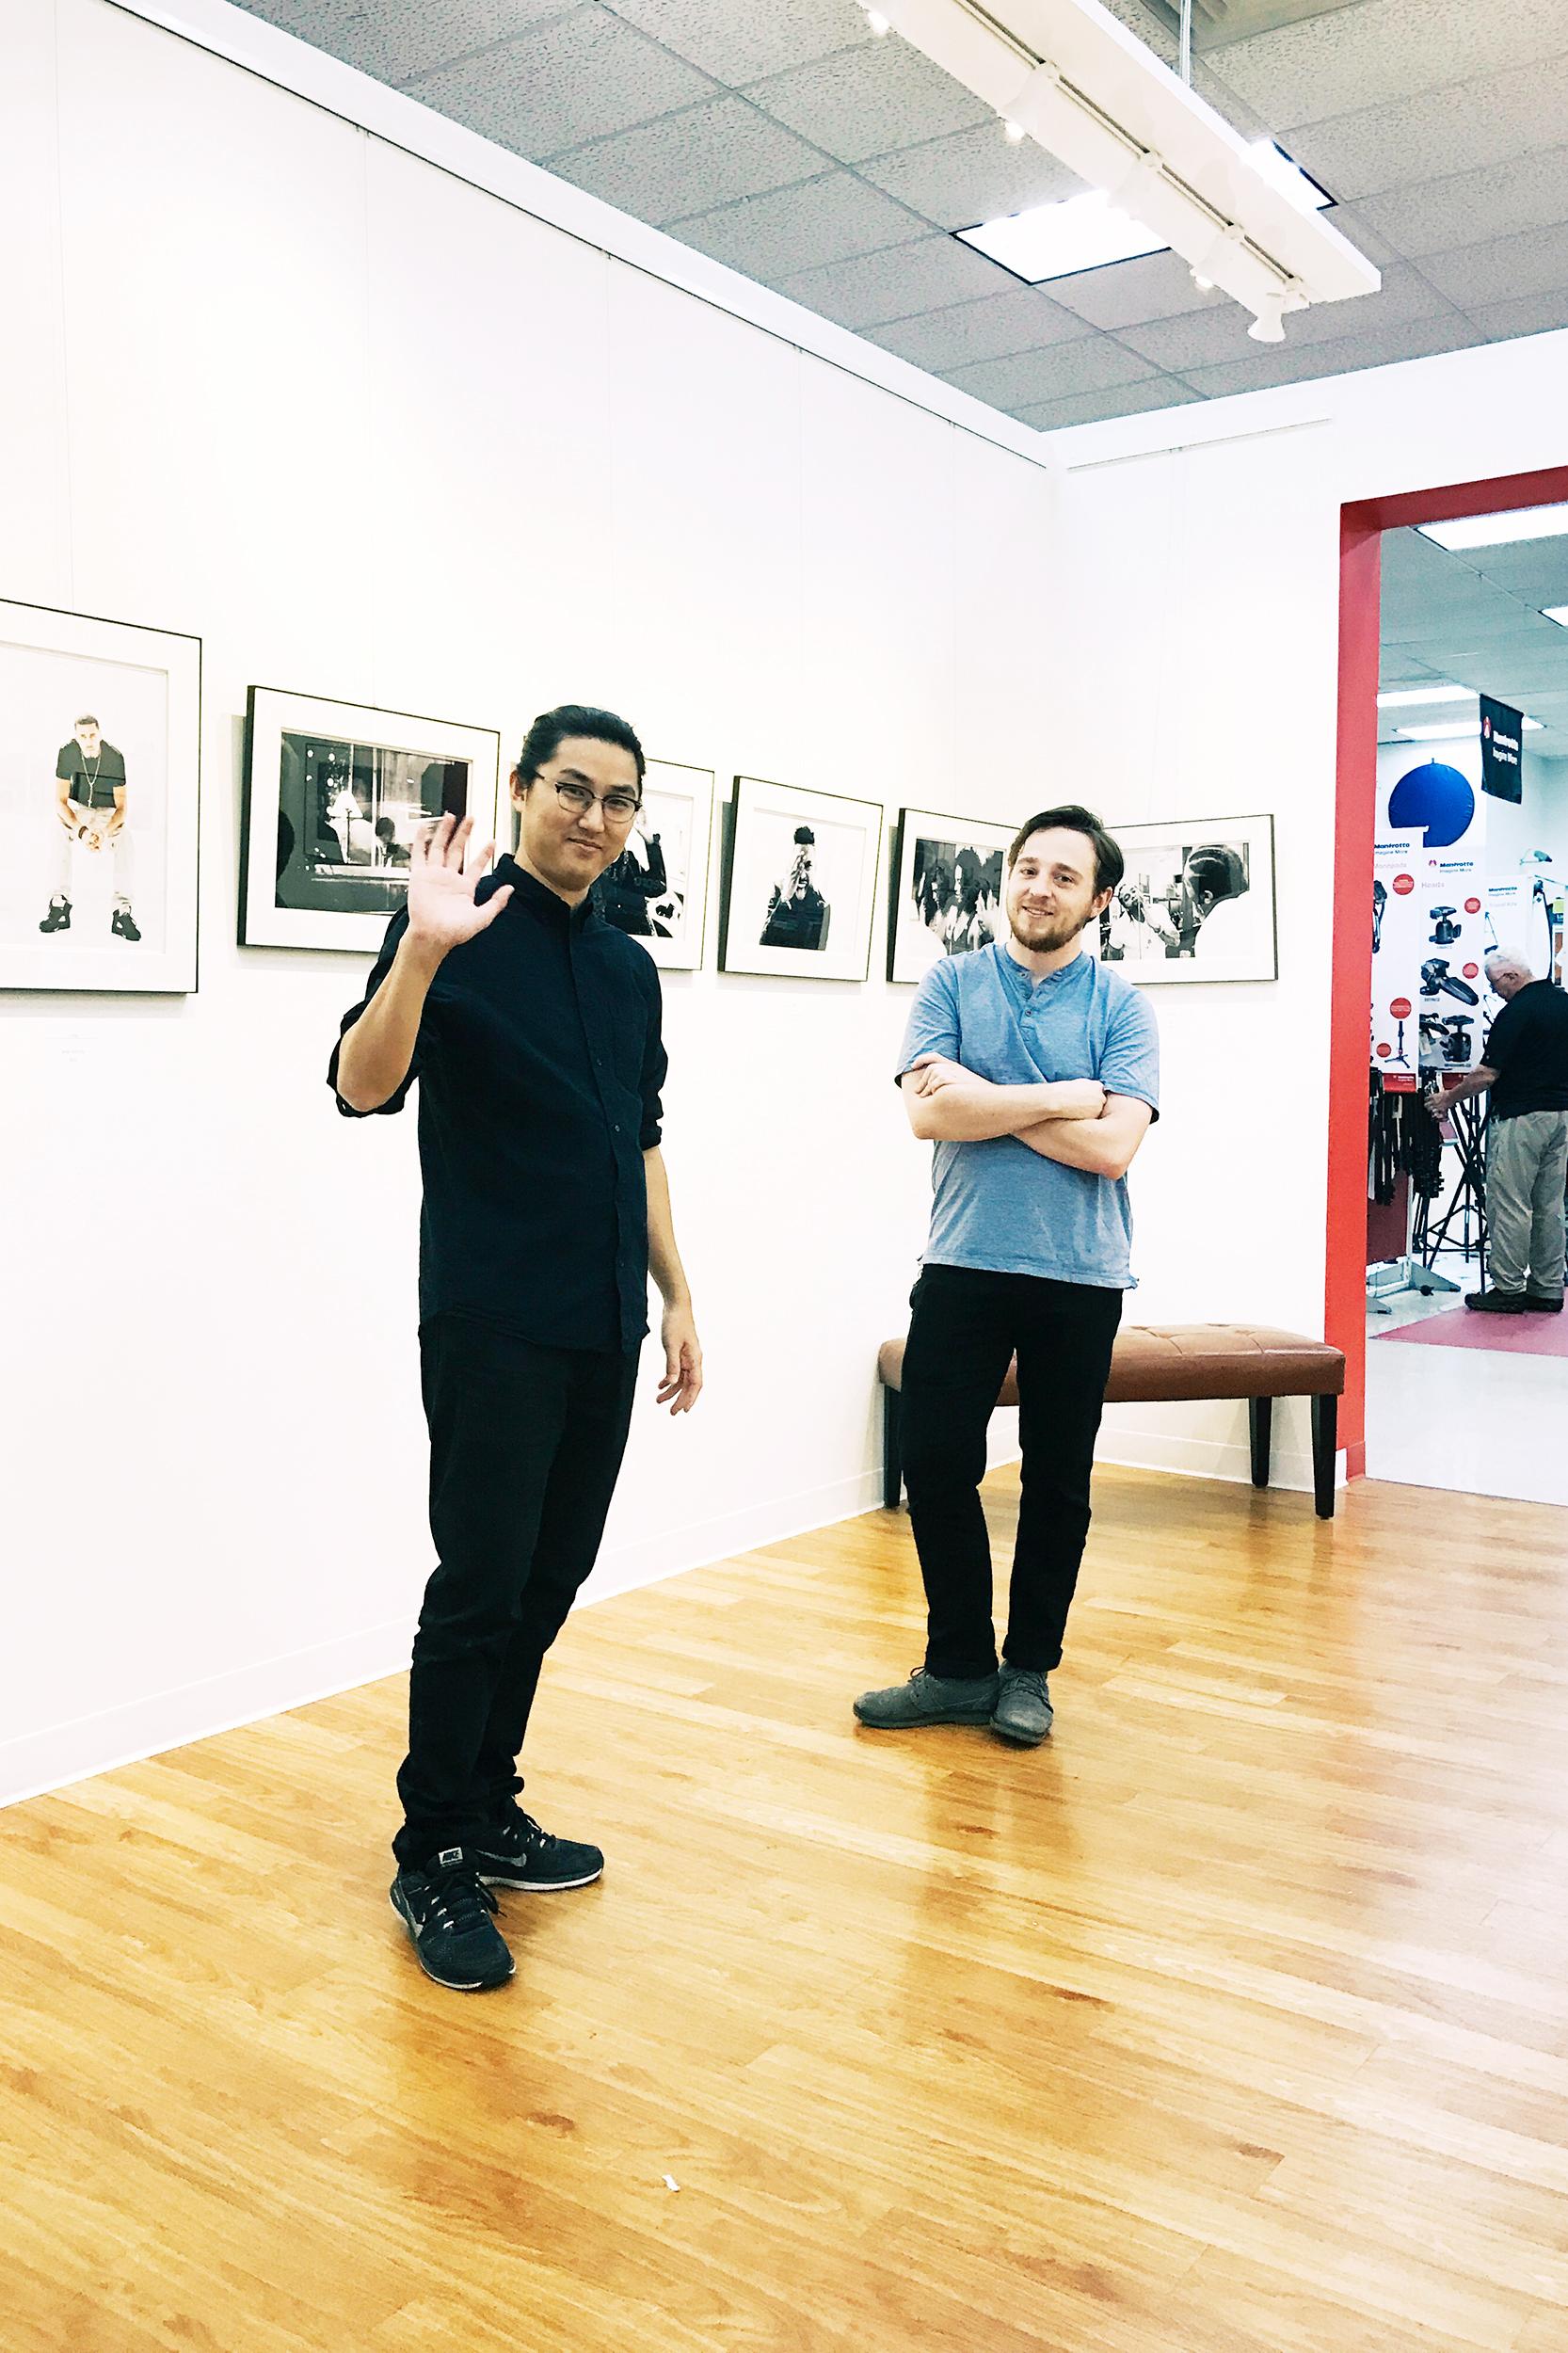 Matt Workman and Mark Gilday Jr